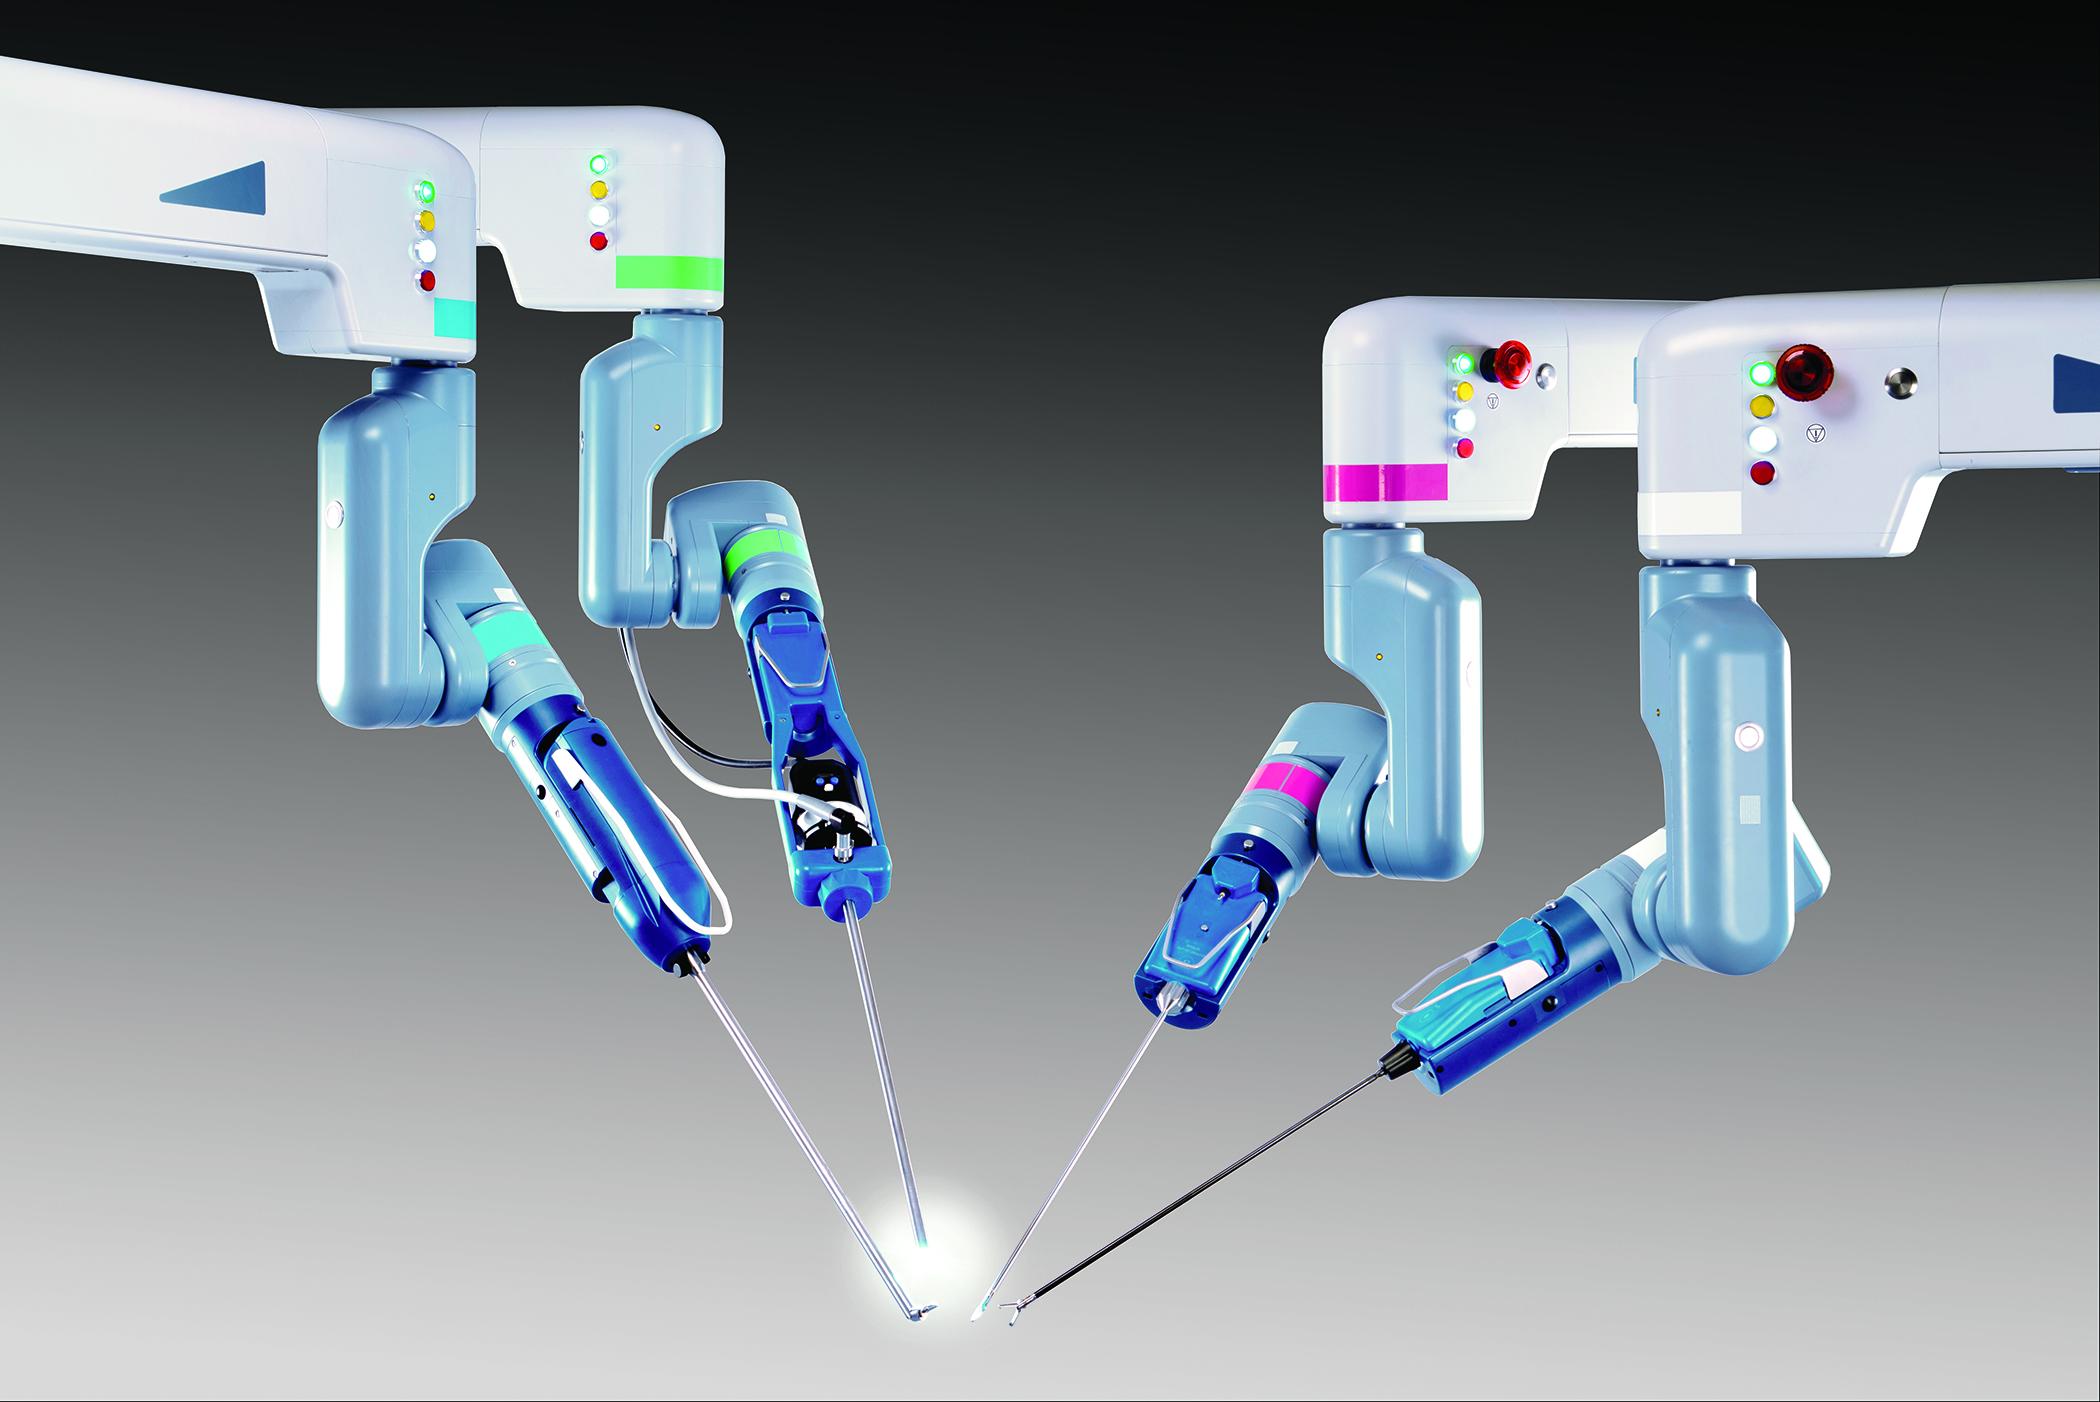 Four Senhance robotic surgery arms